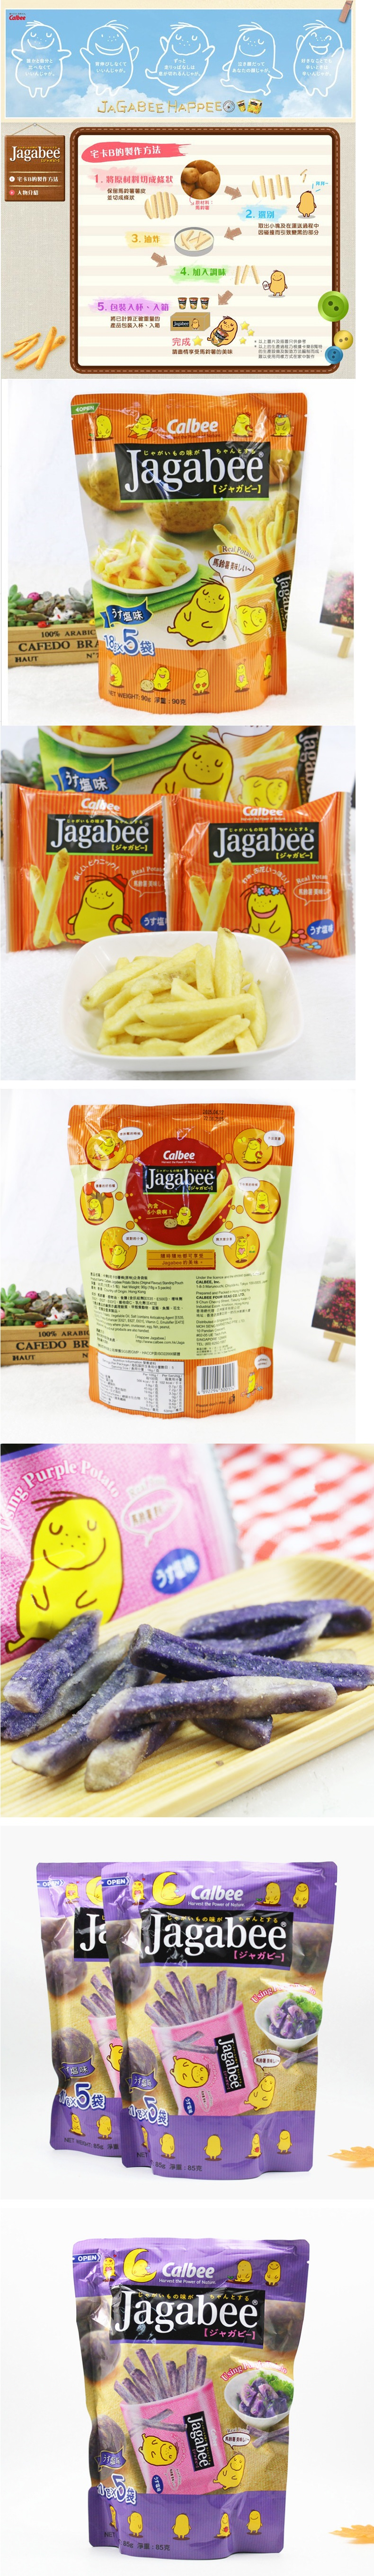 香港进口零食 Jagabee卡乐比薯条淡盐味焙烤食品90g/袋装*4